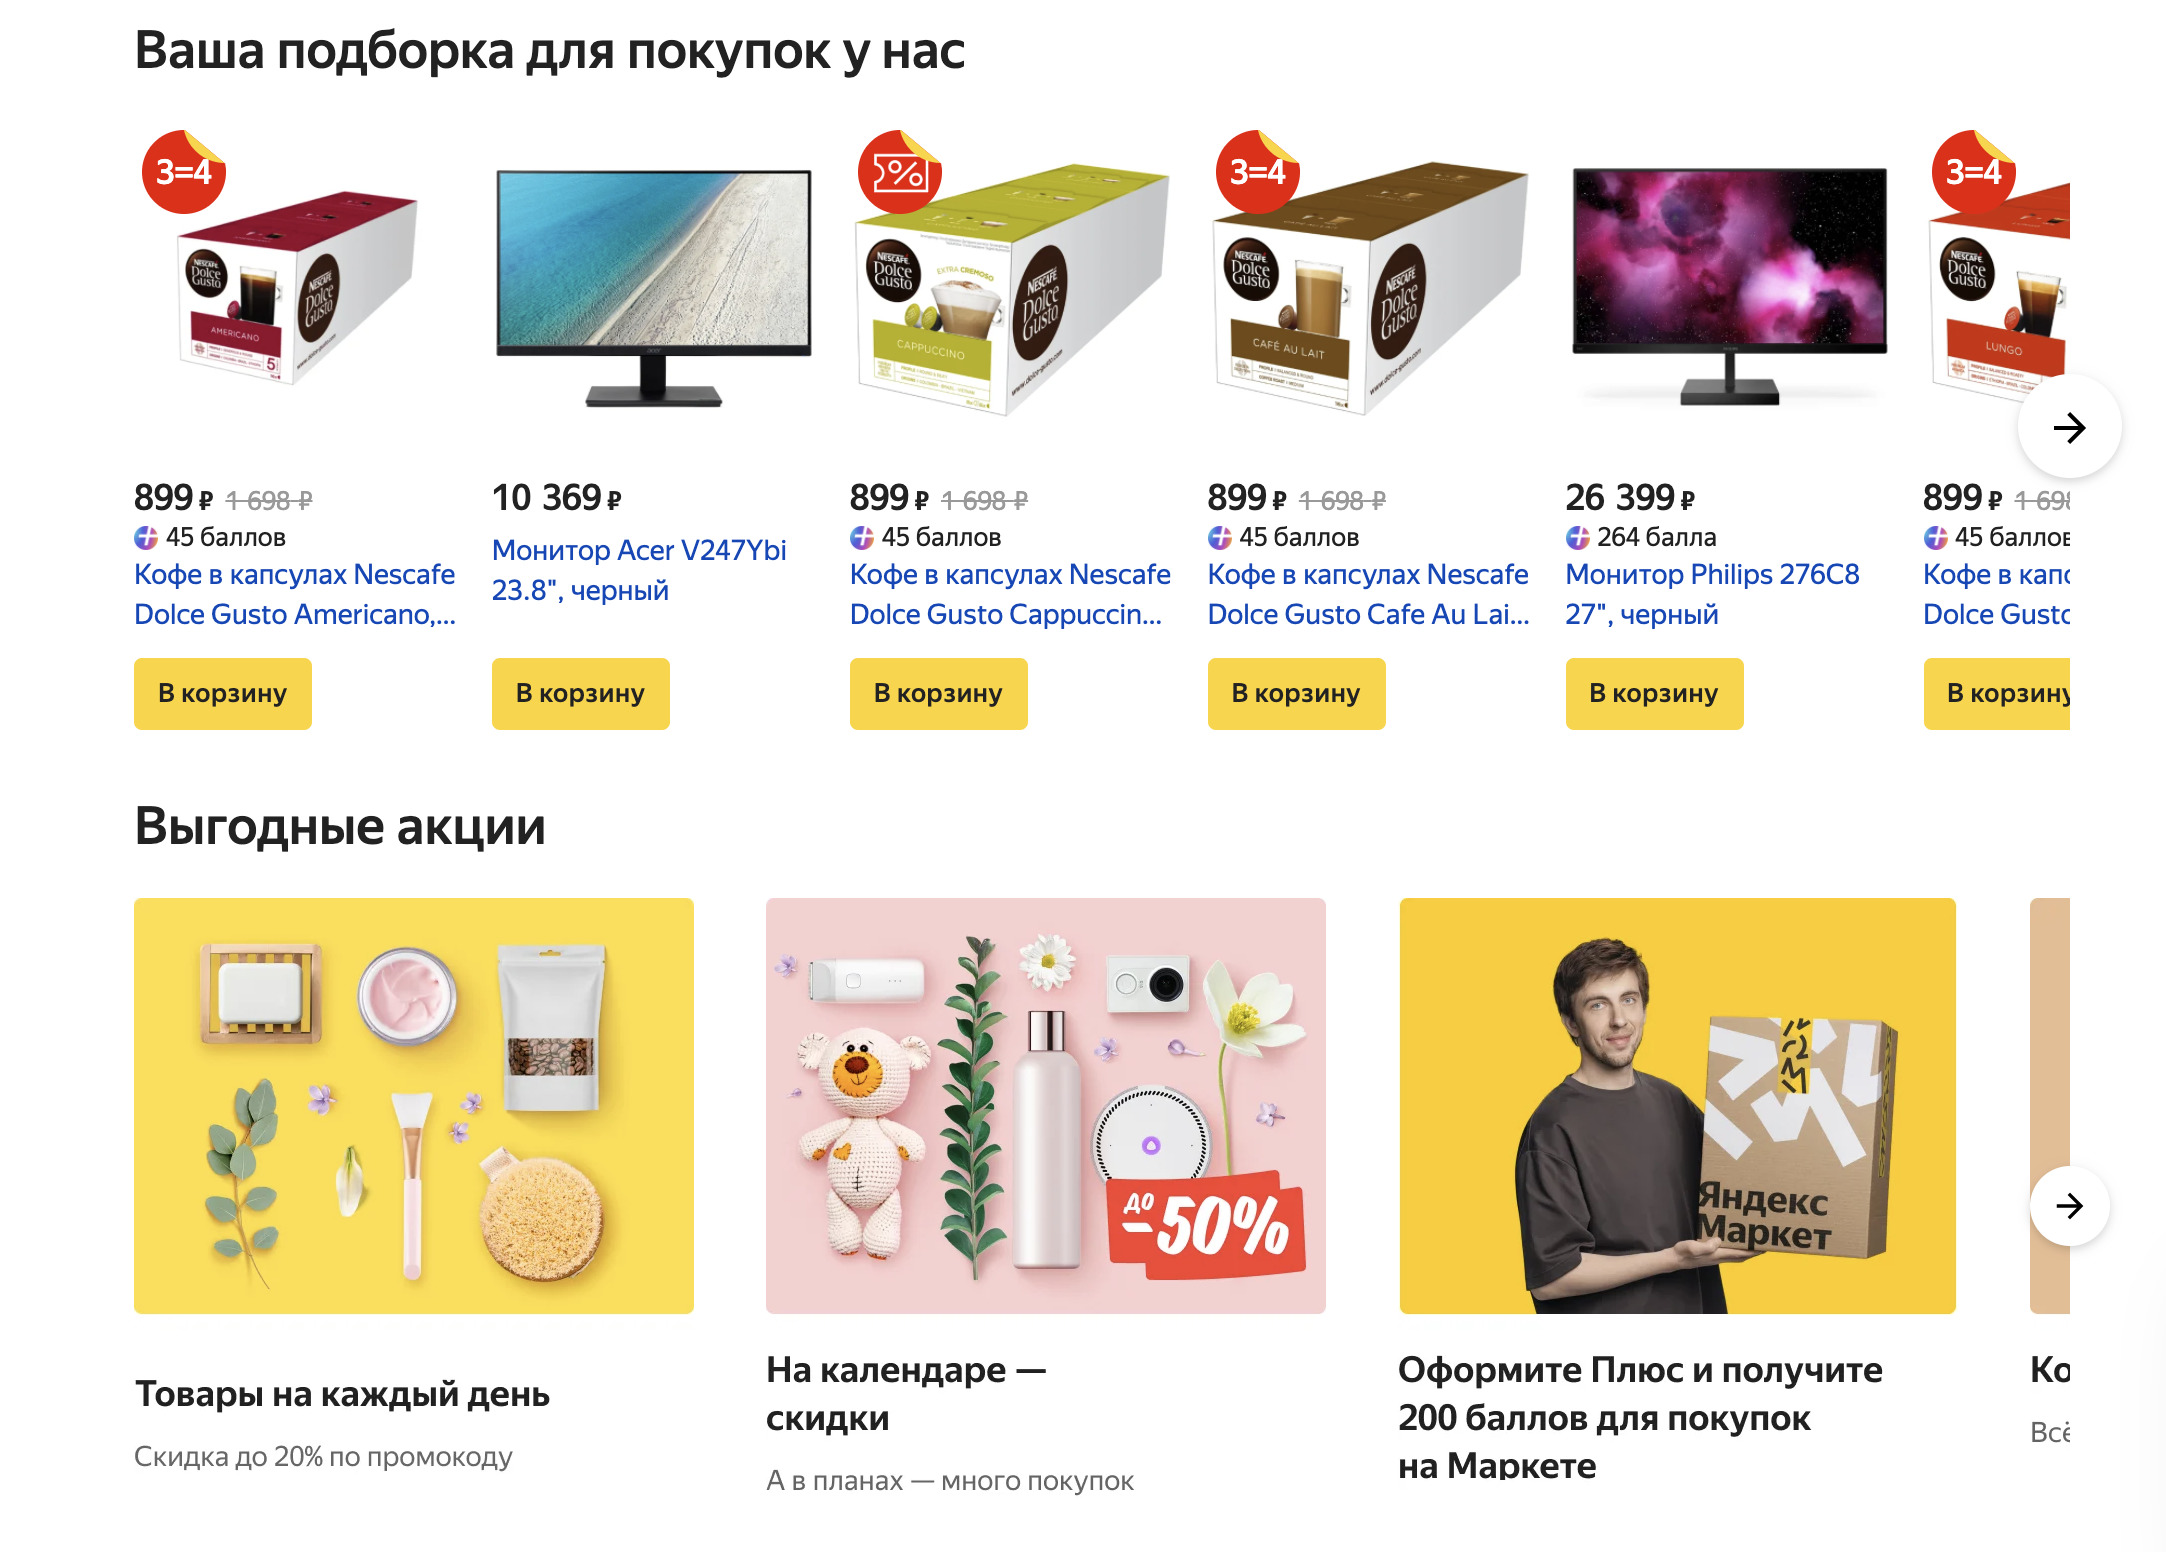 Доставка из Яндекс.Маркет в Оренбург, сроки, пункты выдачи, каталог